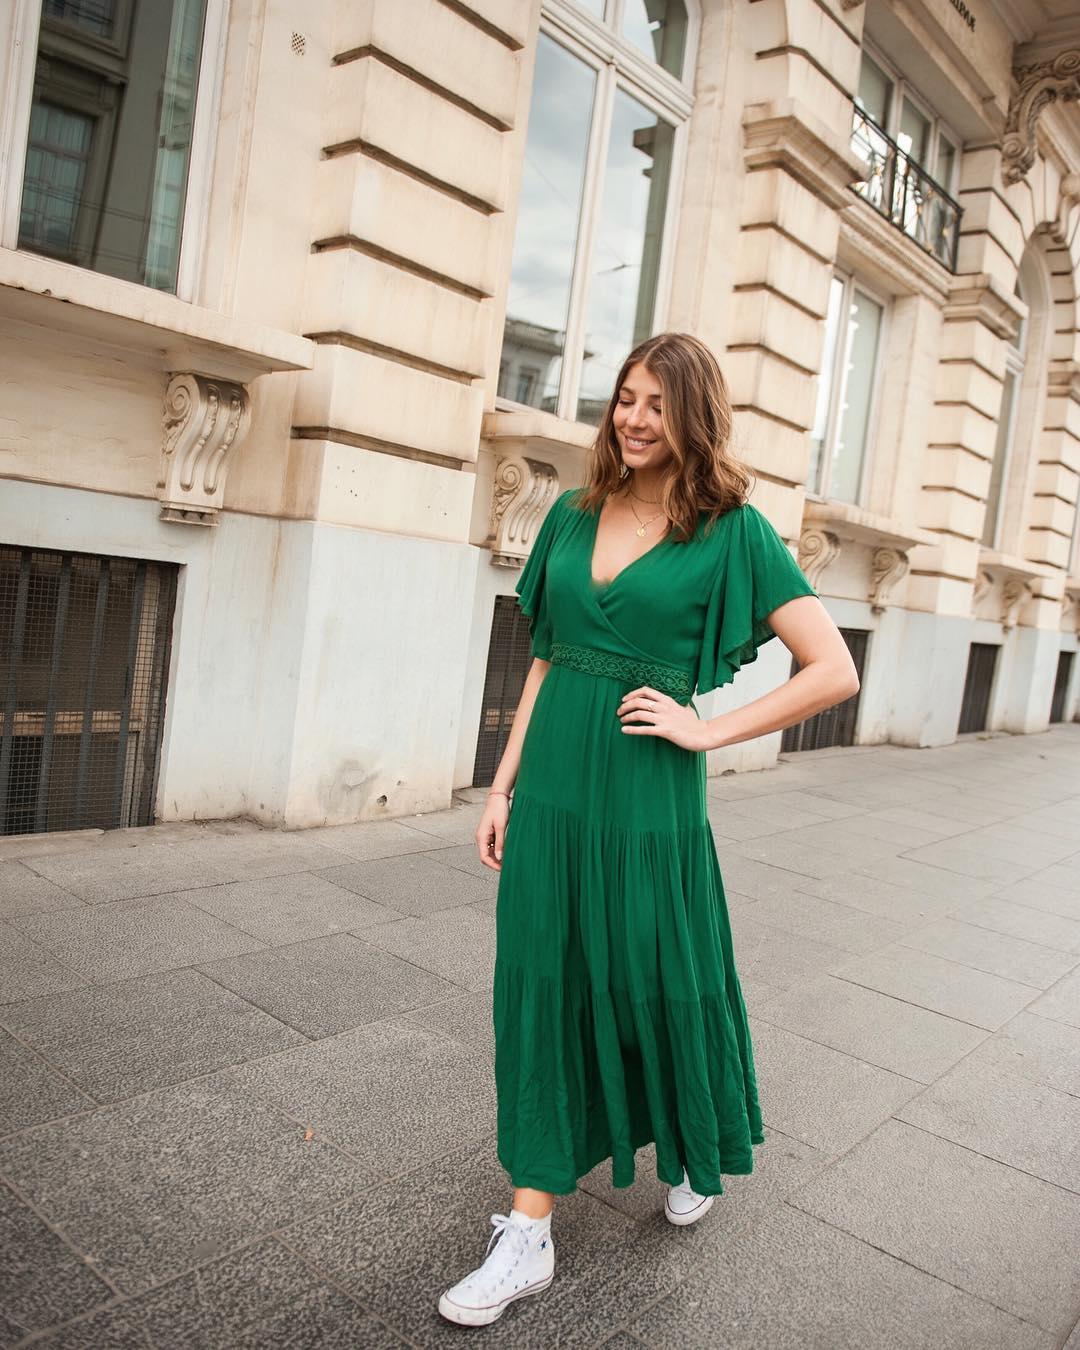 robe verte eclypse de Les Bourgeoises sur lesbourgeoisesofficiel